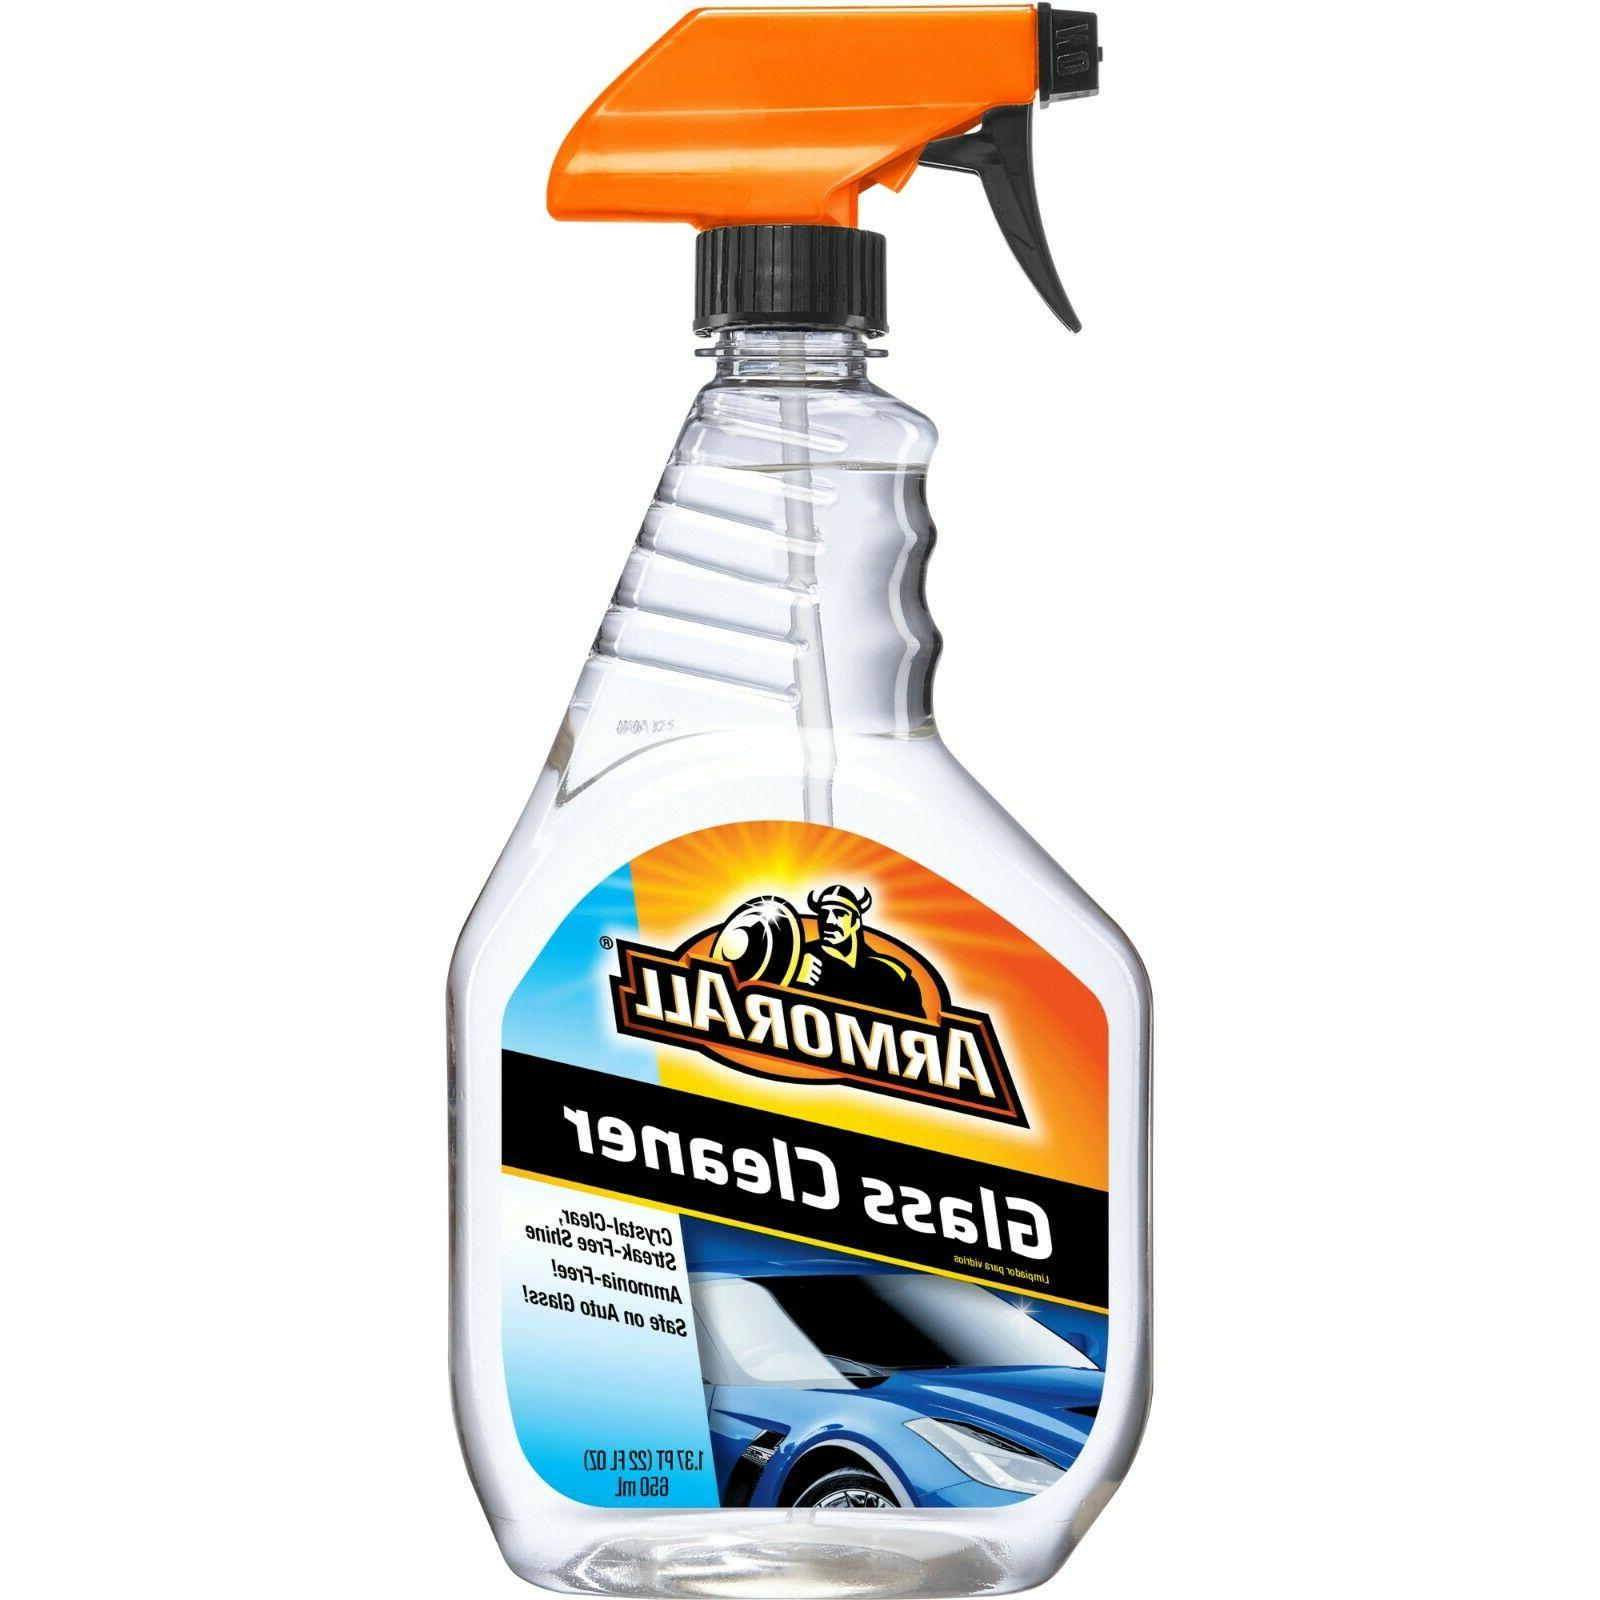 Armor All Auto Glass Cleaner, 22-Fluid Ounce Bottles